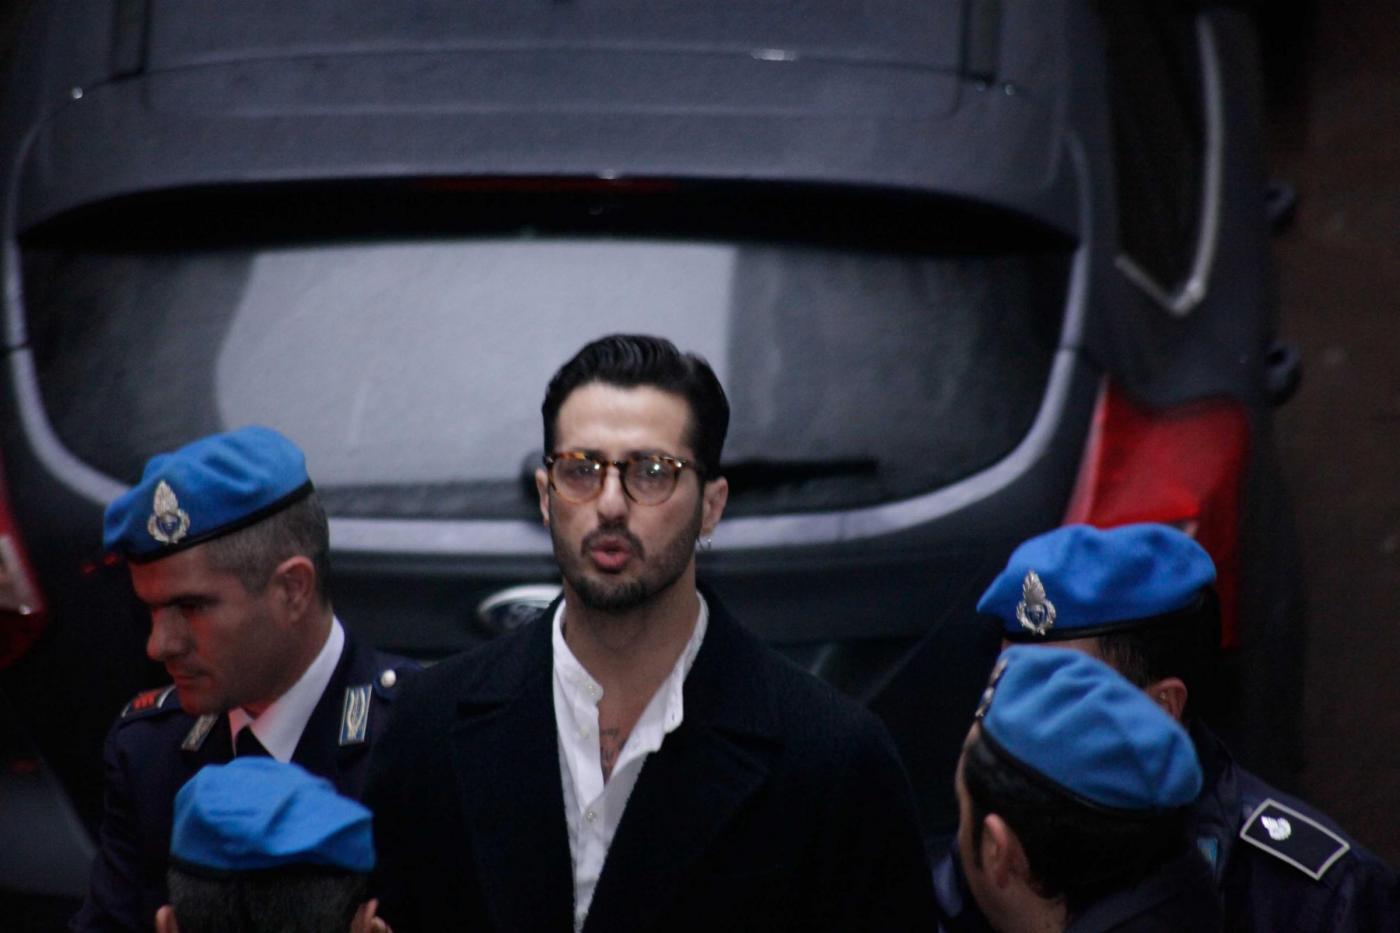 Fabrizio Corona, la nuova vita fuori dal carcere: 'Qui sto bene'